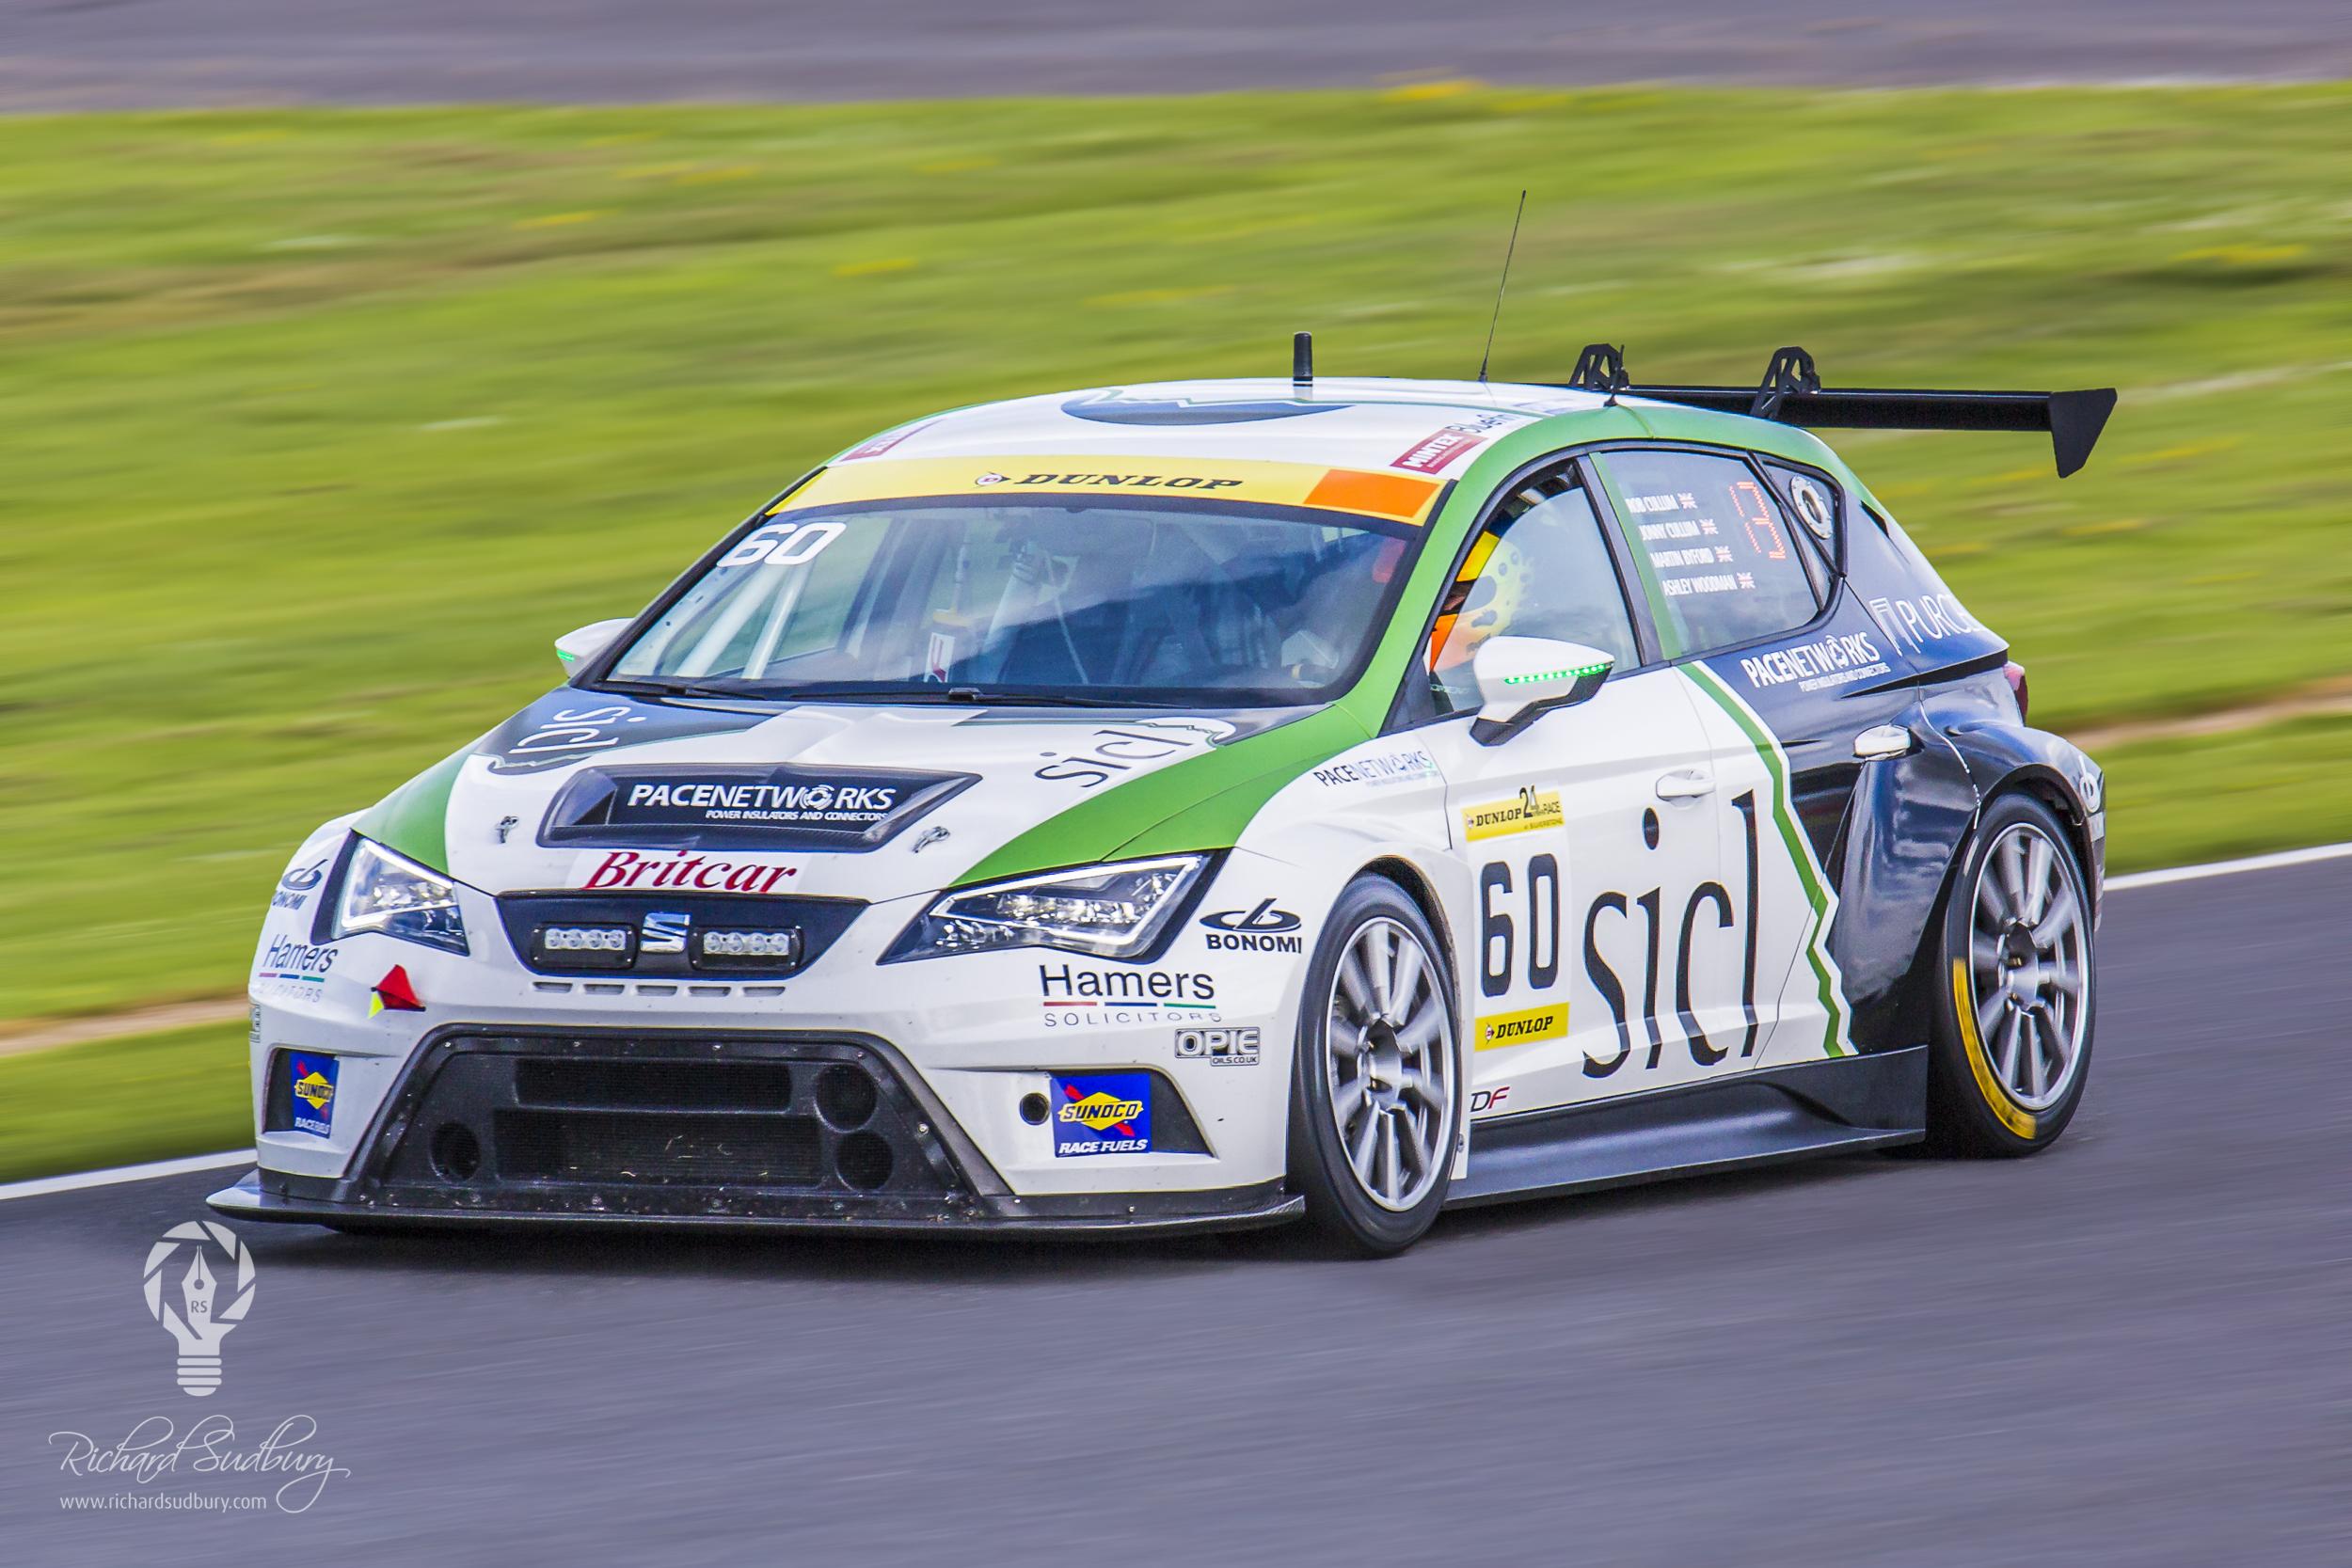 Silverstone 24hr Race